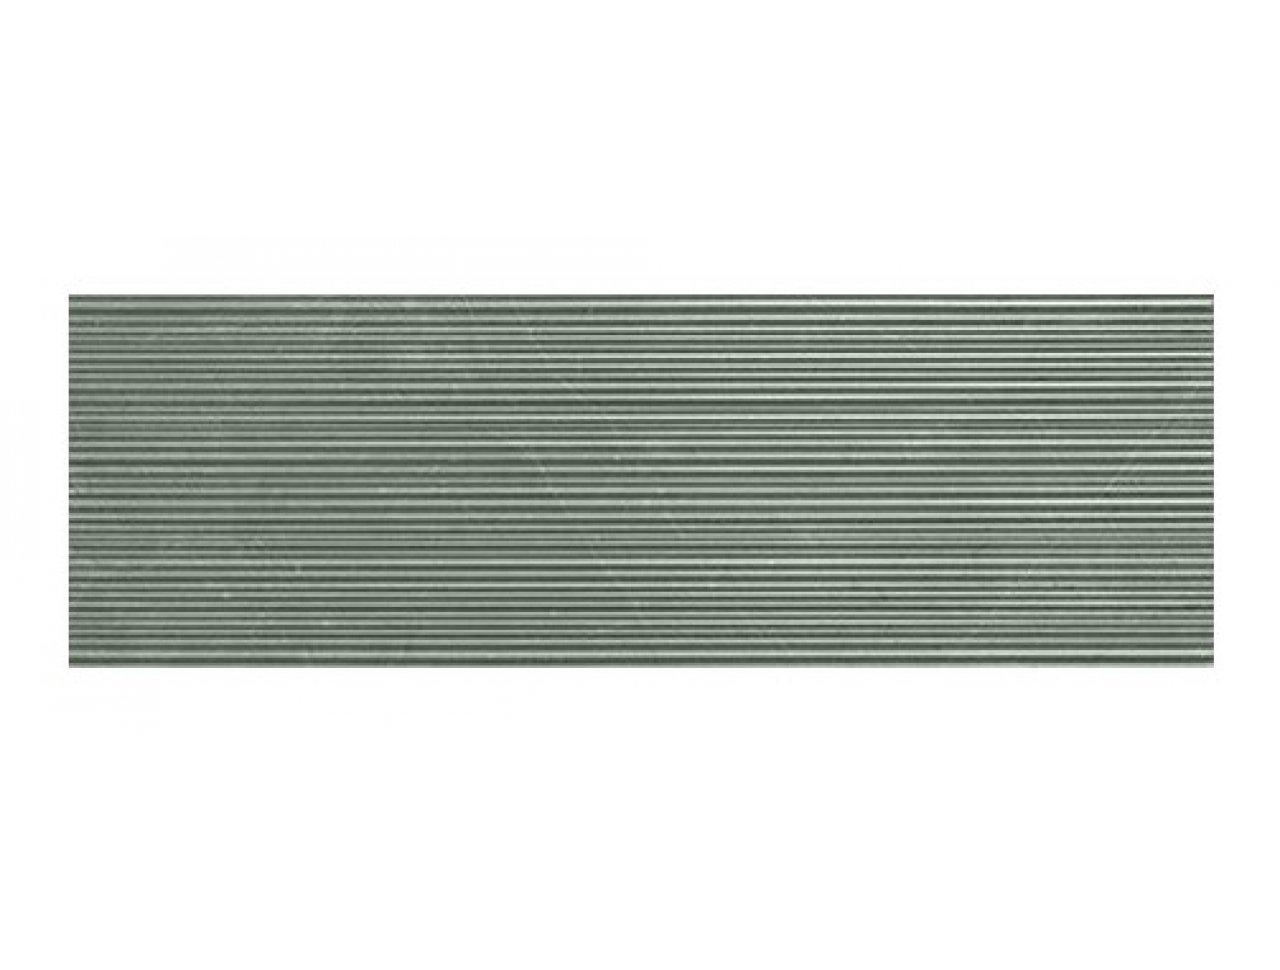 Настенная плитка FAP Roma Filo Imperiale 75 x 25 см, Арт. fLSU